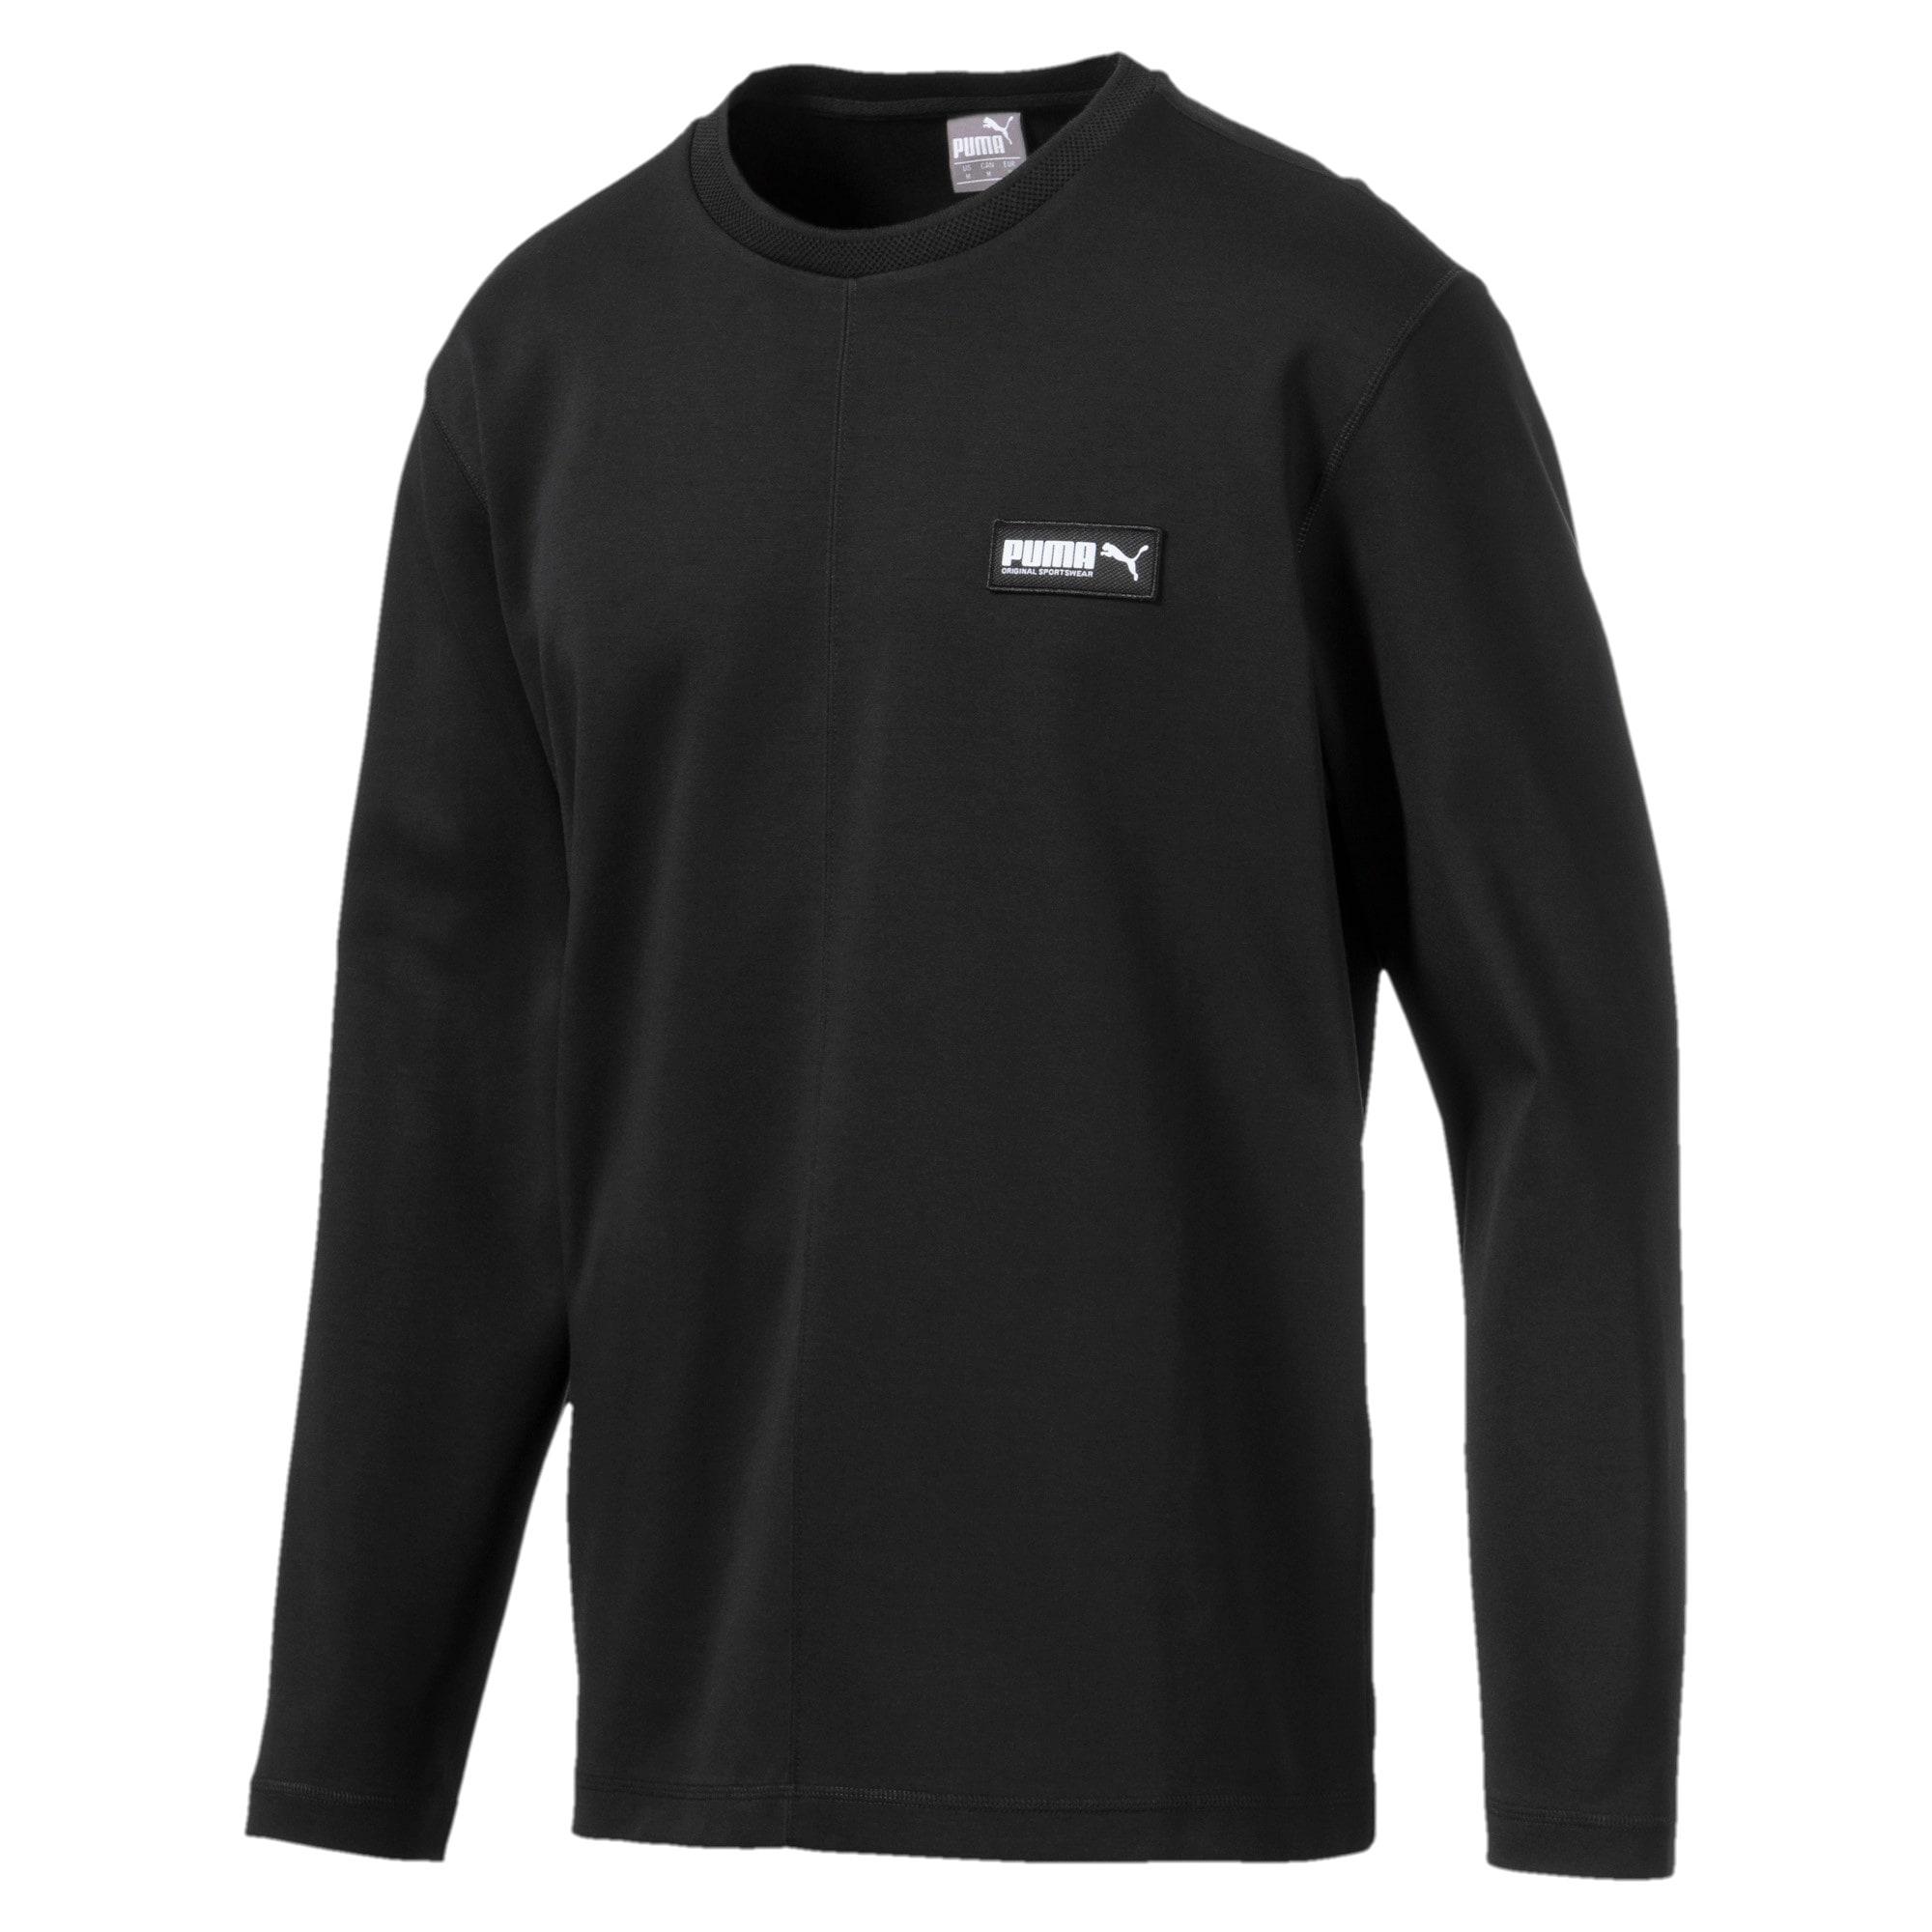 Thumbnail 4 of Fusion Crew Neck Men's Sweater, Puma Black, medium